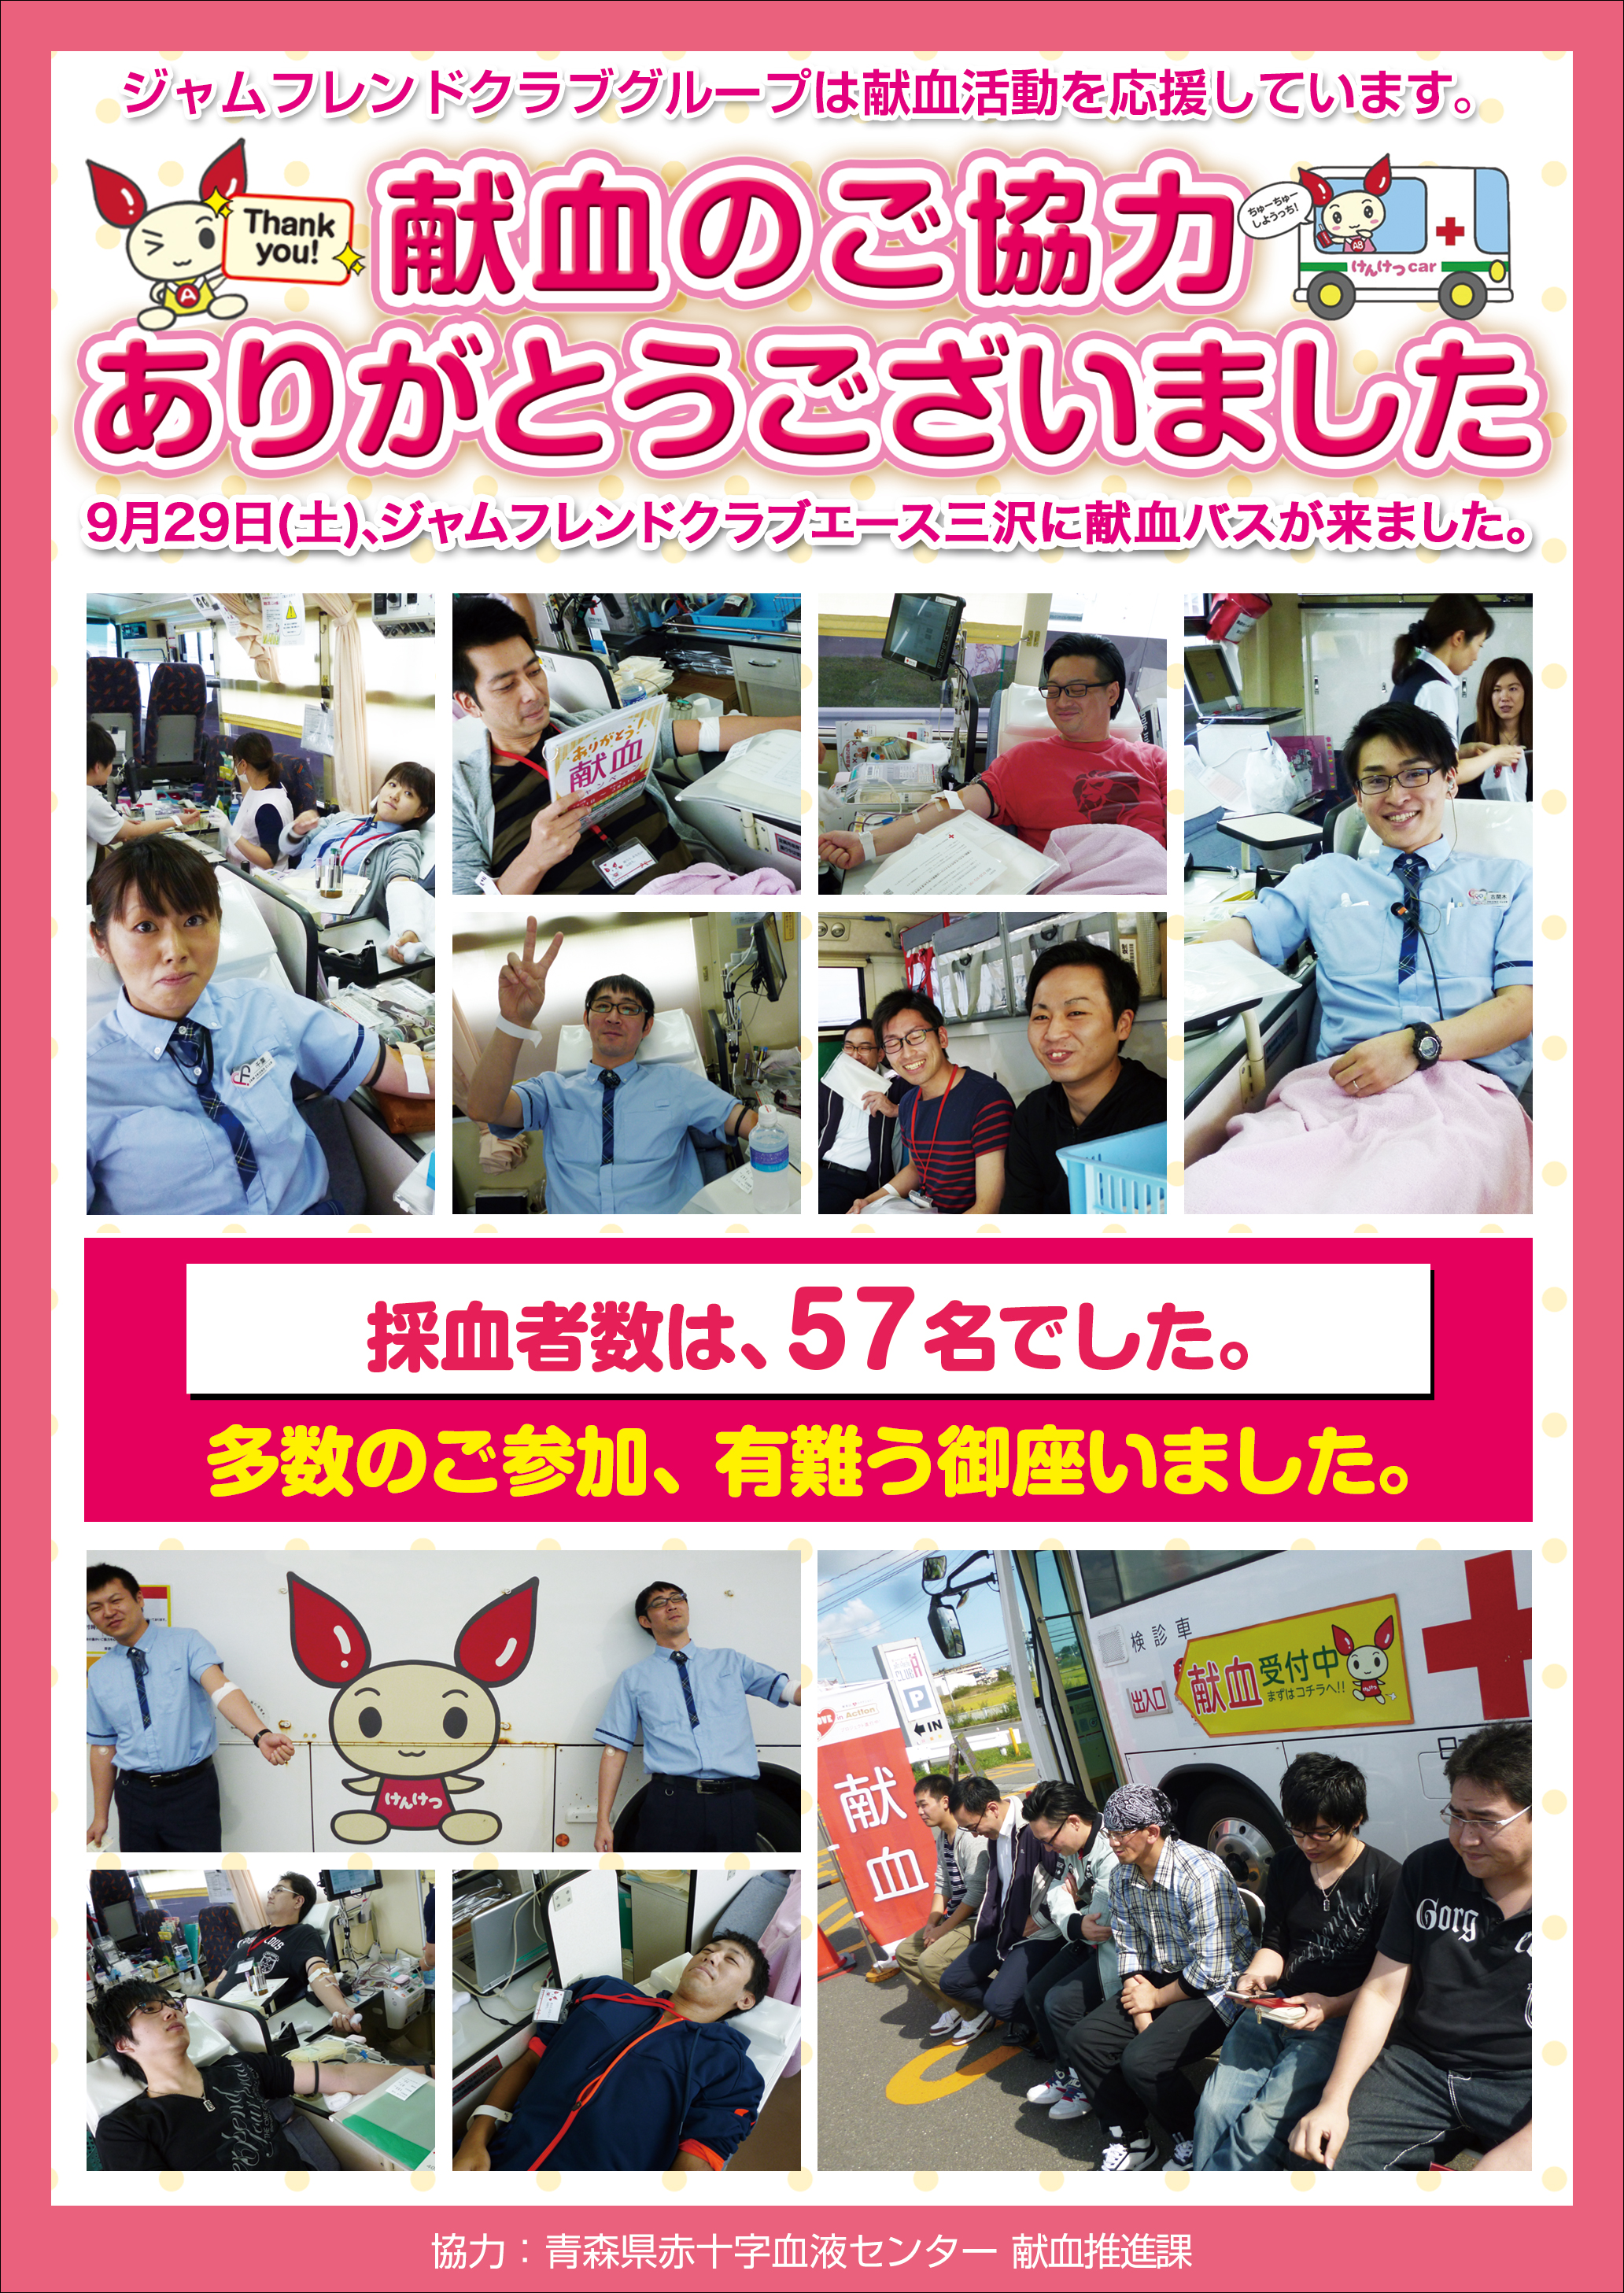 http://jam-fc.jp/information/images/%E7%8C%AE%E8%A1%80%E3%83%AC%E3%83%9D%E3%83%BC%E3%83%8820180929.jpg